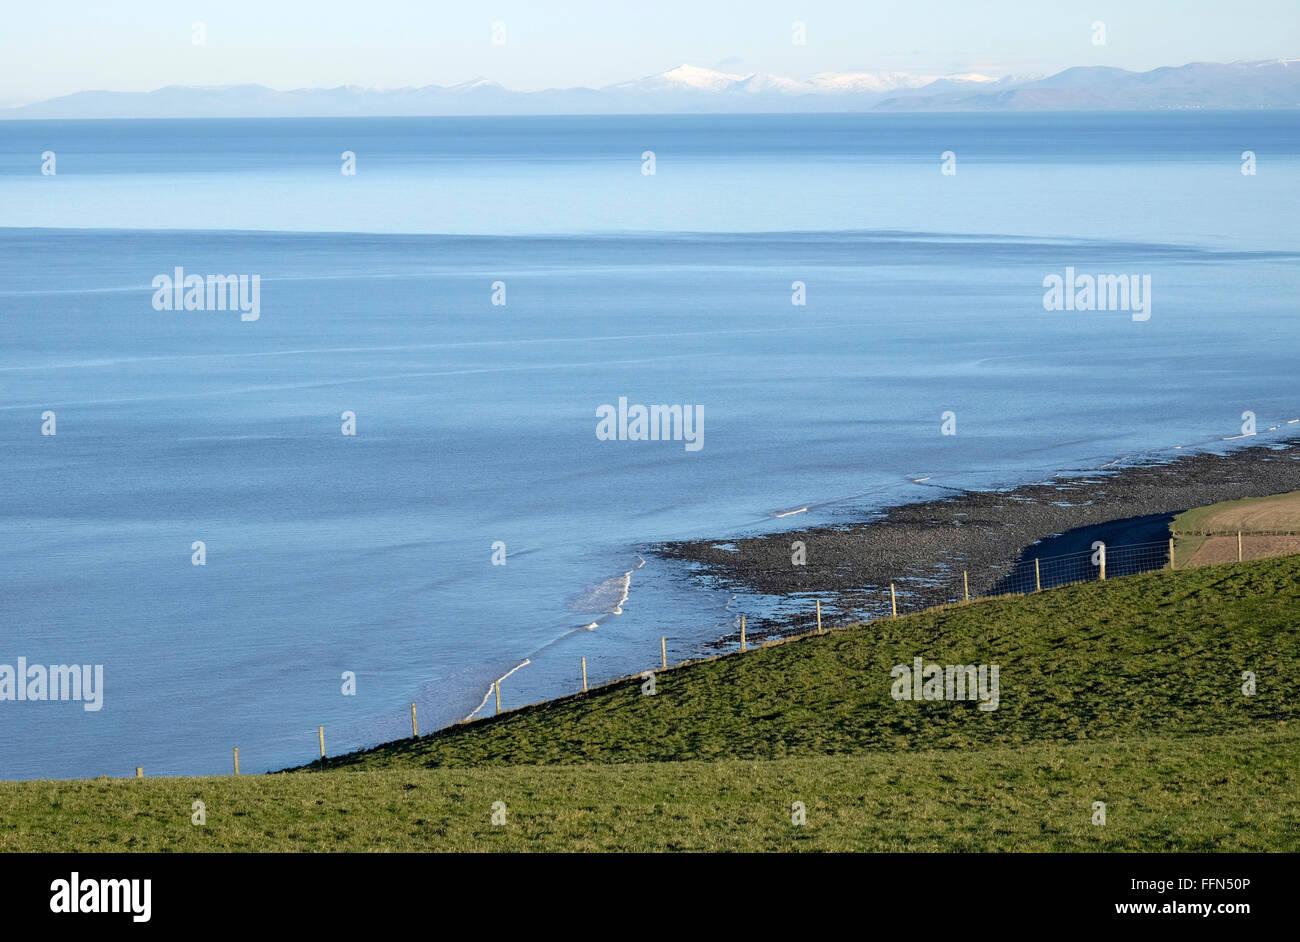 Eaux de la Baie de Cardigan, prises à partir de juste au sud de Llanon. Cader Idris sur l'horizon lointain. Photo Stock